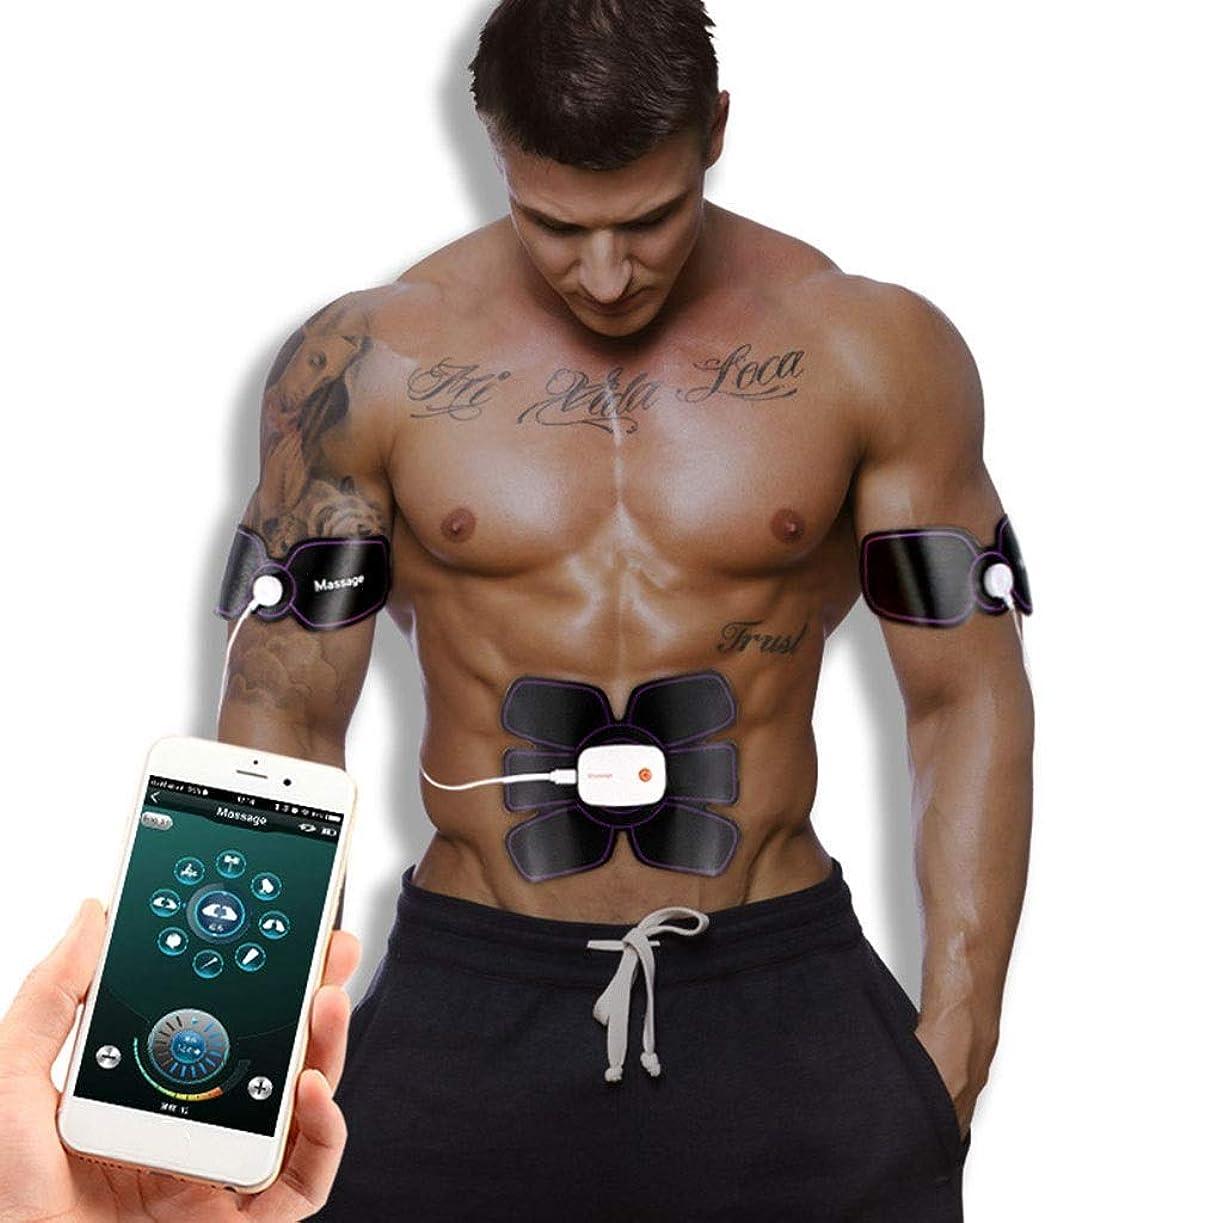 軽蔑する貫通裁判官腹筋トレーナー、筋肉刺激装置、腹部調色ベルトEMS腹筋トレーナーボディフィットネストレーナージムトレーニングとホームフィットネス器具